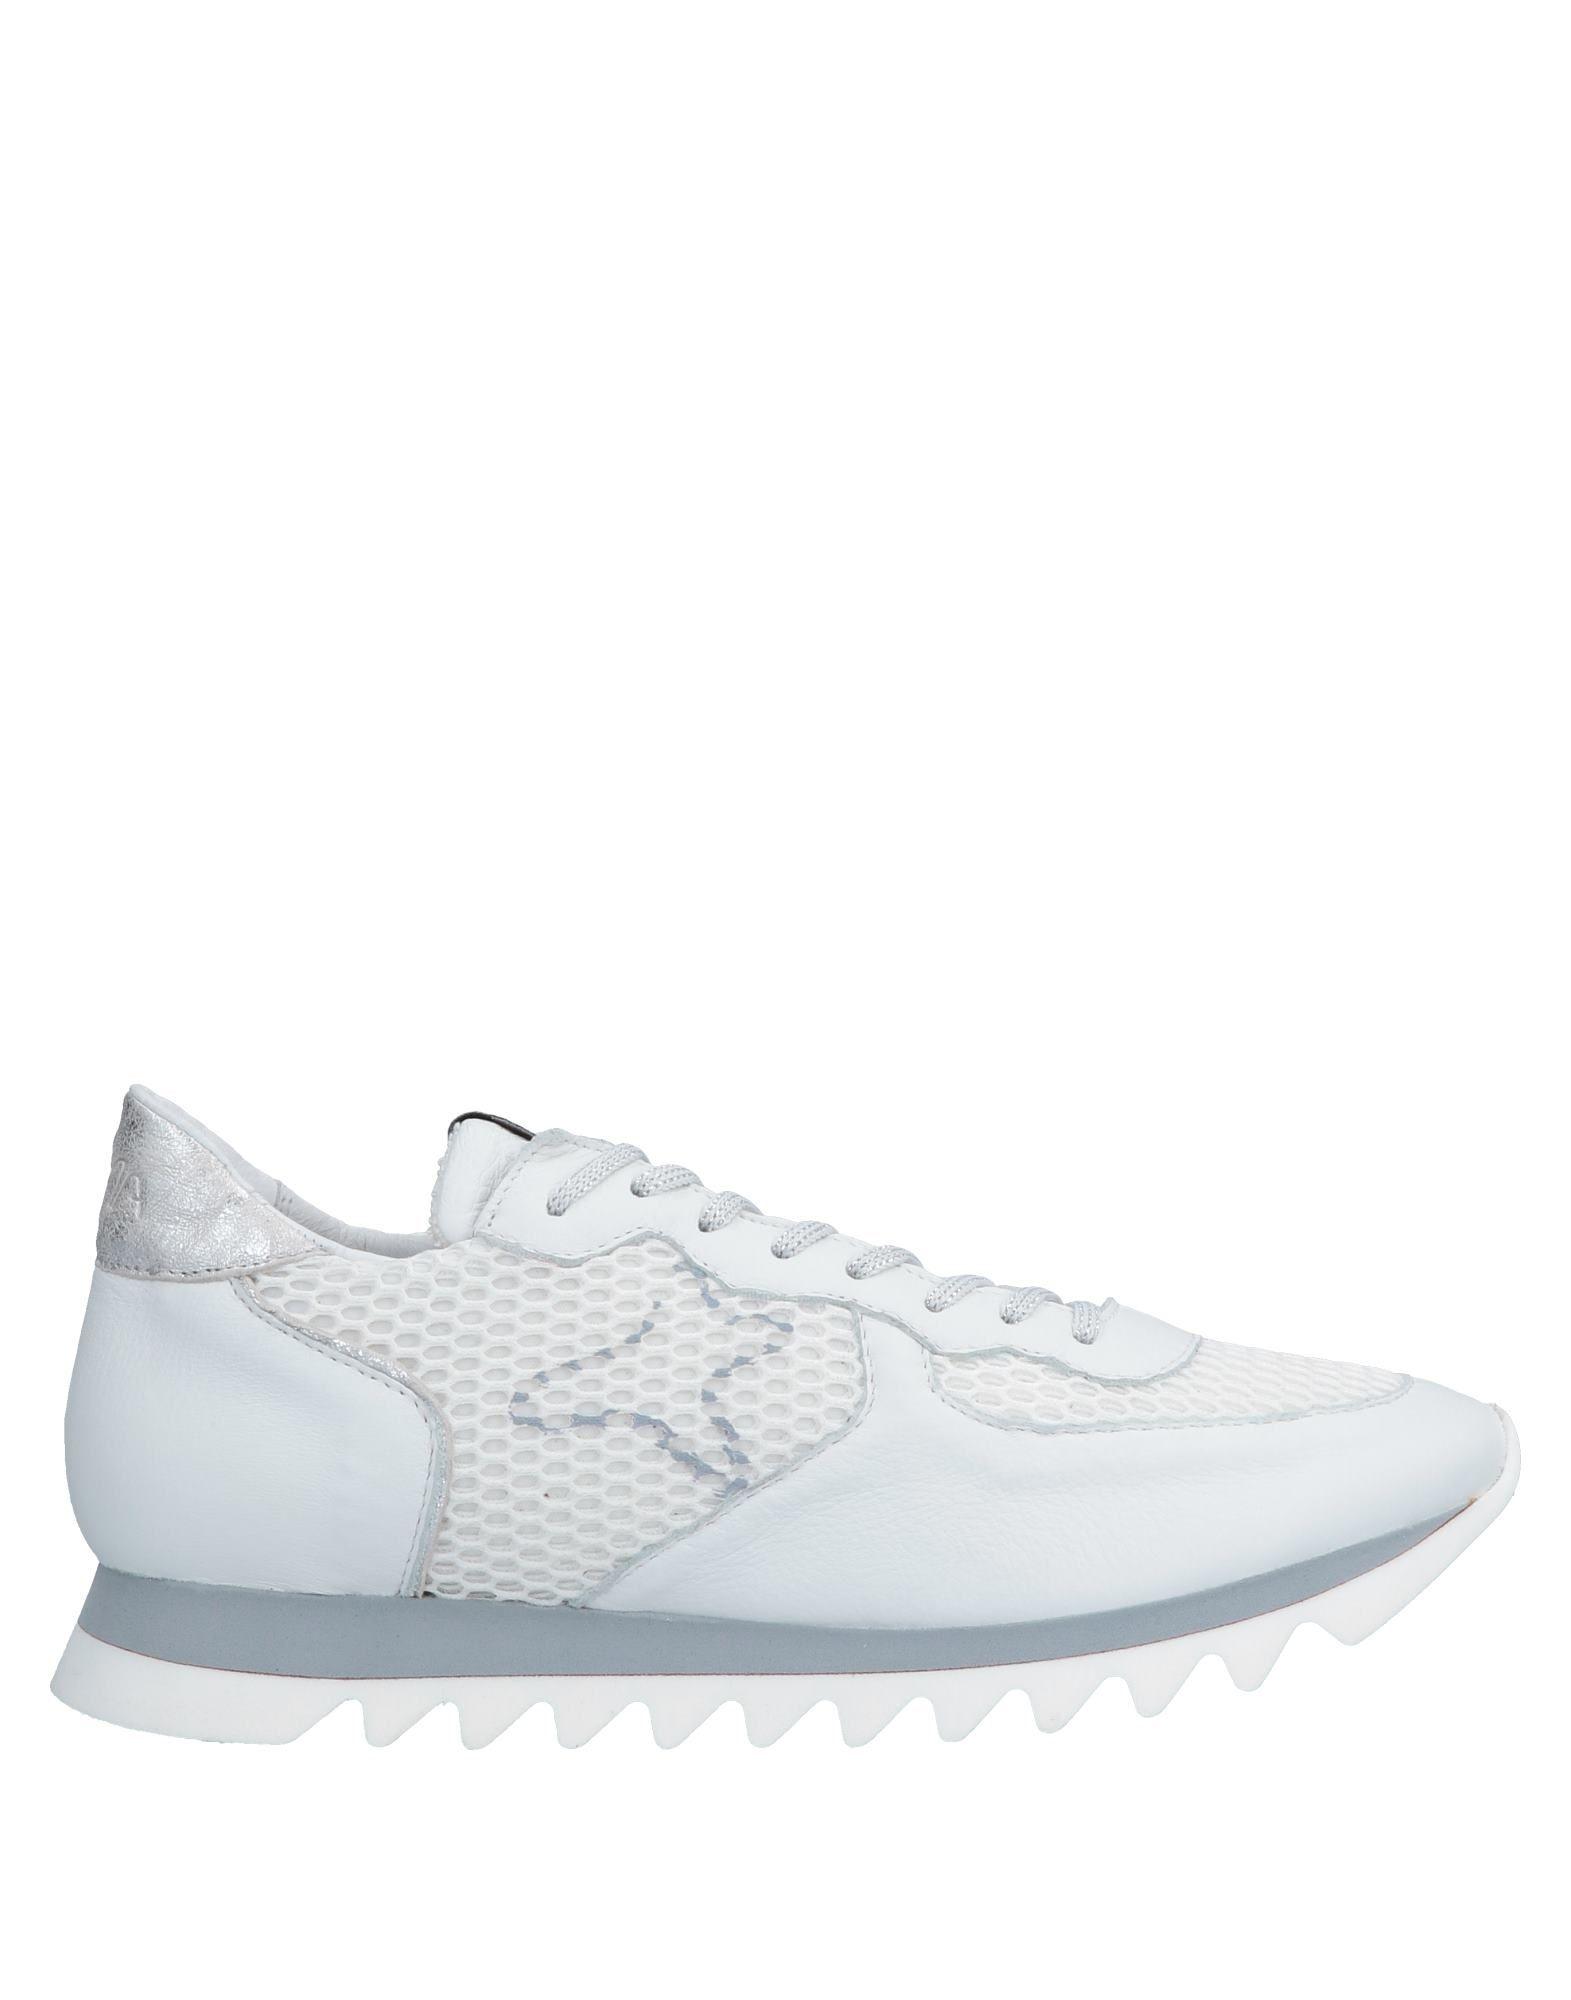 Blanco Zapatillas Ama Brand Mujer - Zapatillas Zapatillas Zapatillas Ama Brand Los zapatos más populares para  hombres  y mujeres 98c89a